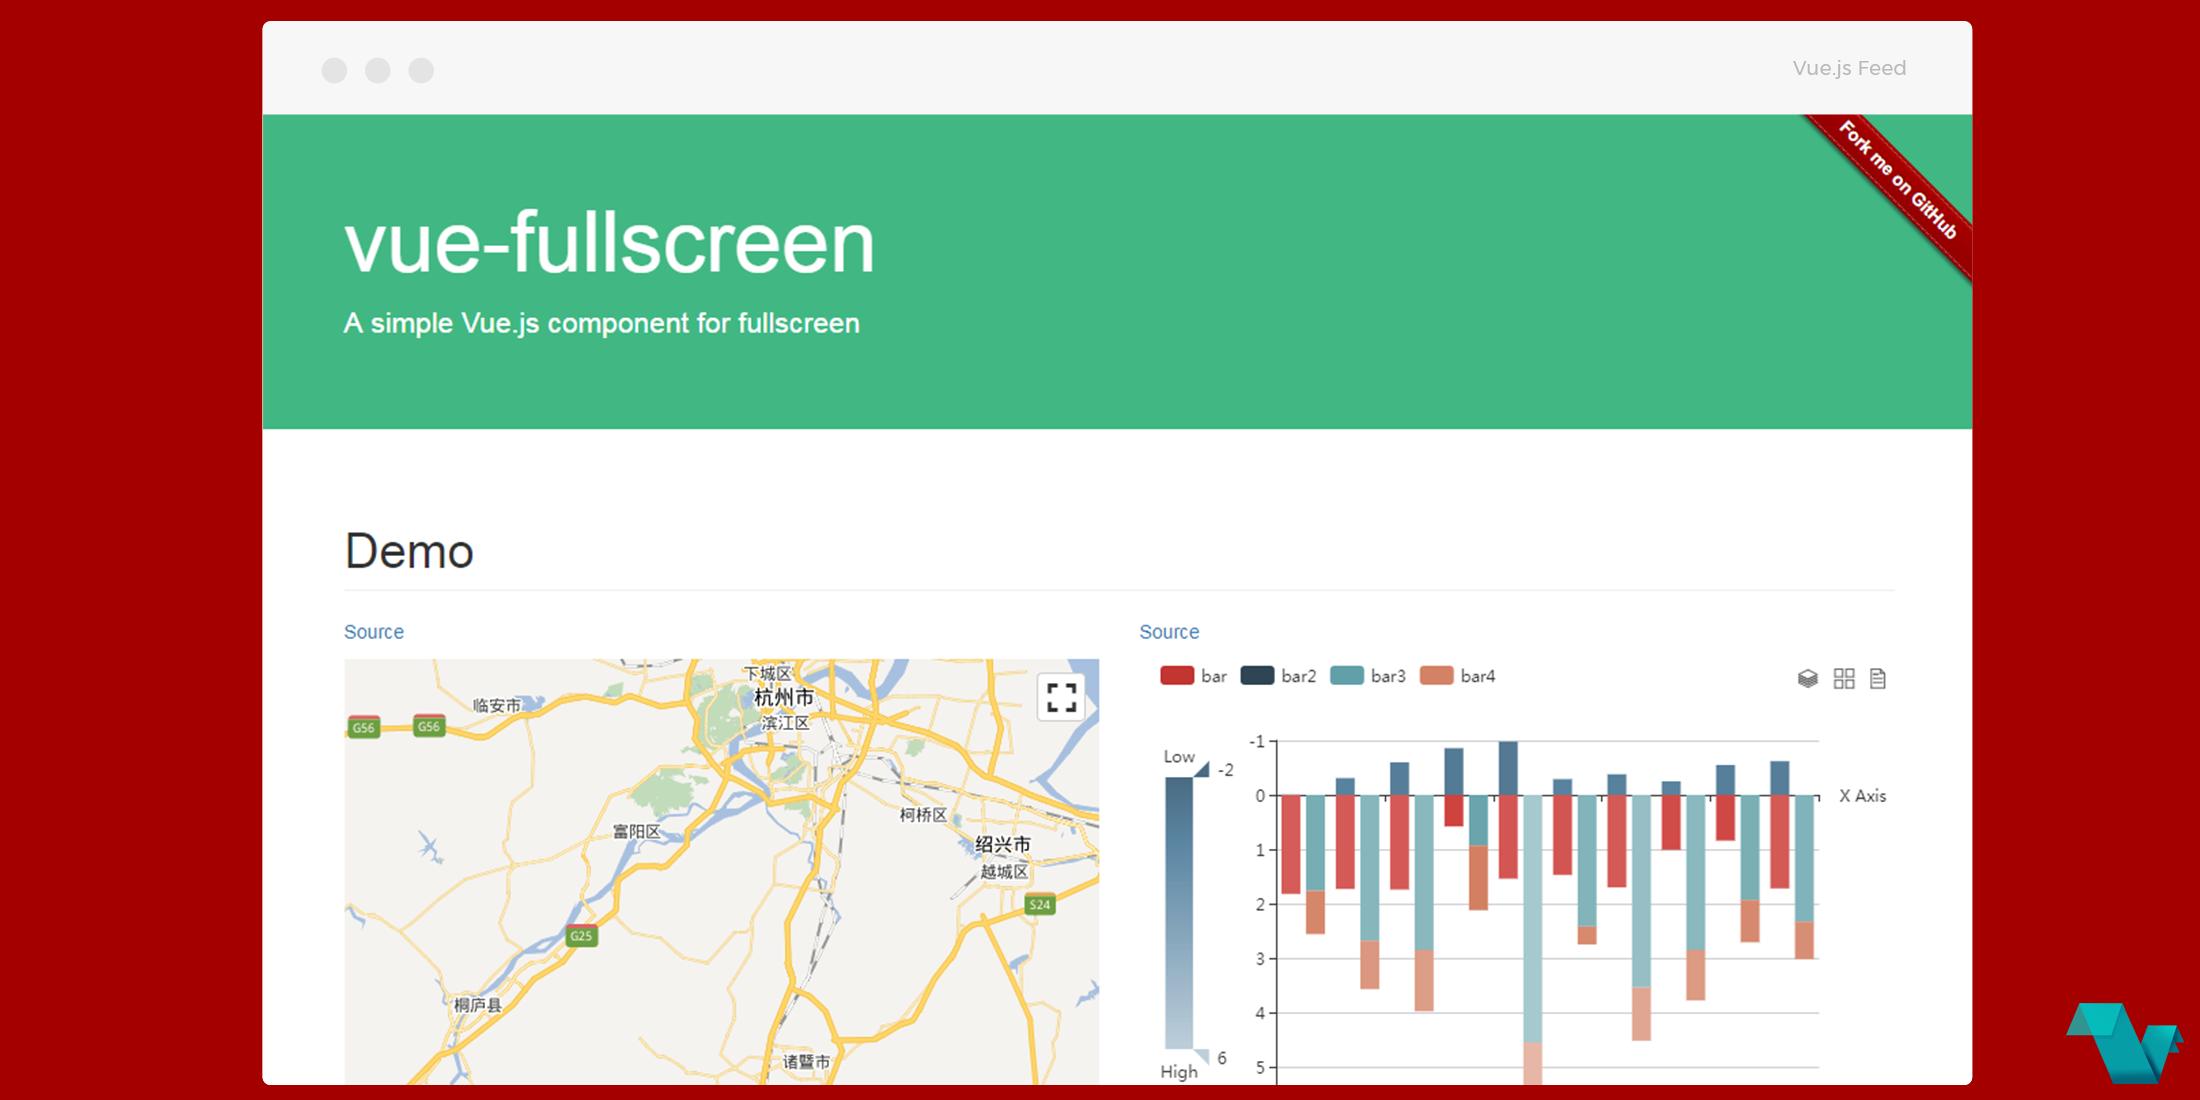 A simple Vue js component for fullscreen - Vue js Feed